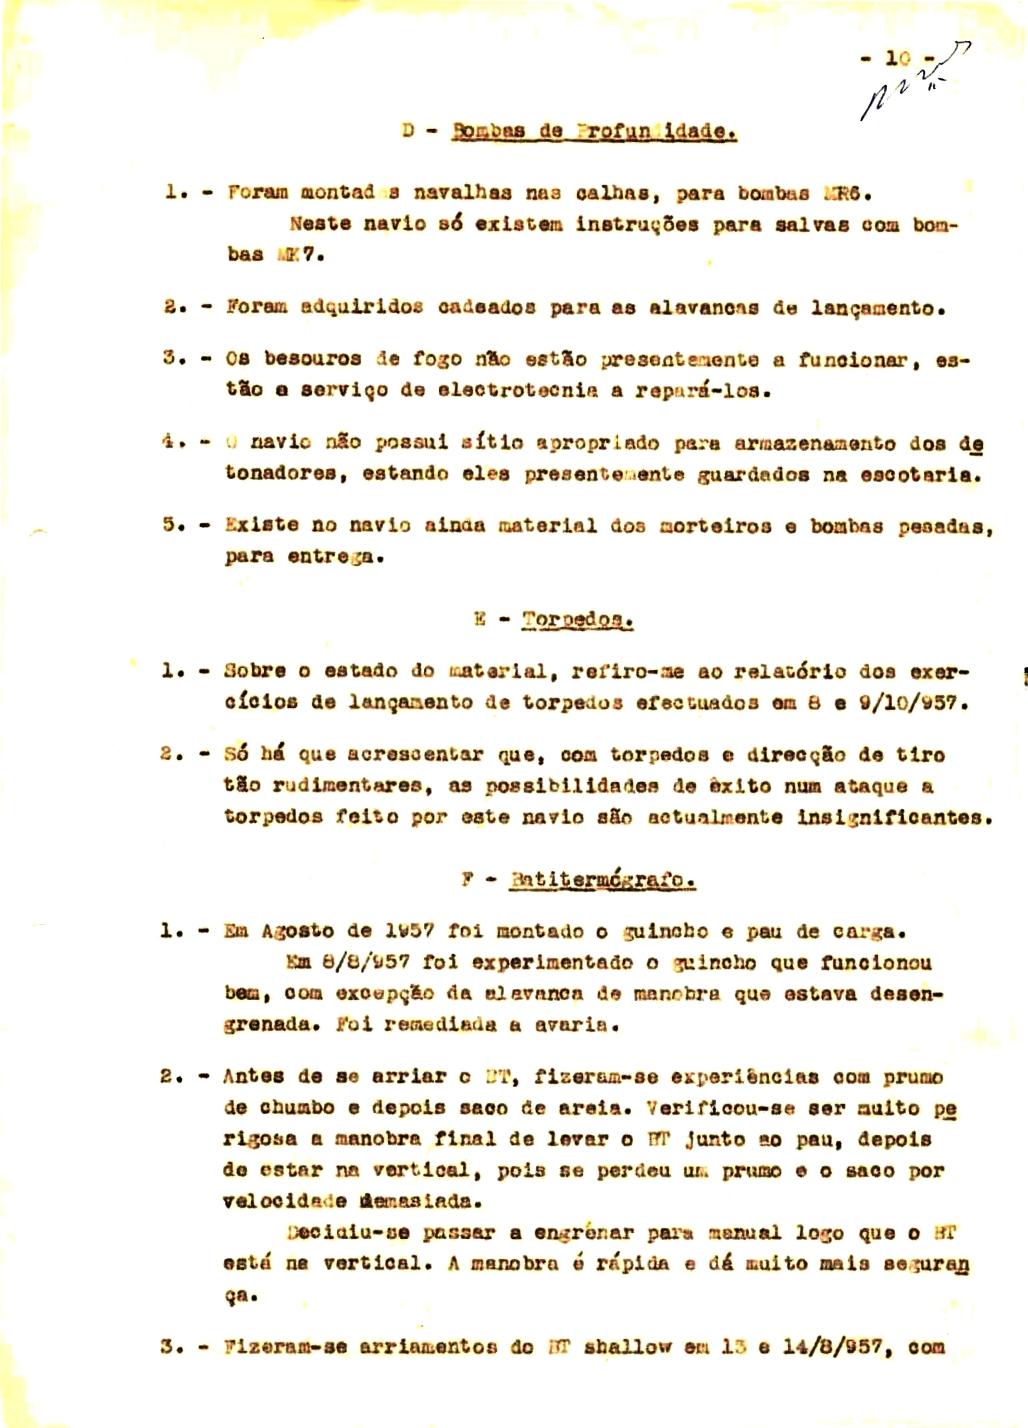 00347 57-10-21 cópia do Relatório do Chefe do Serviço de Armas Submarina do CT Vouga 1º Ten Nunes da Silva-10